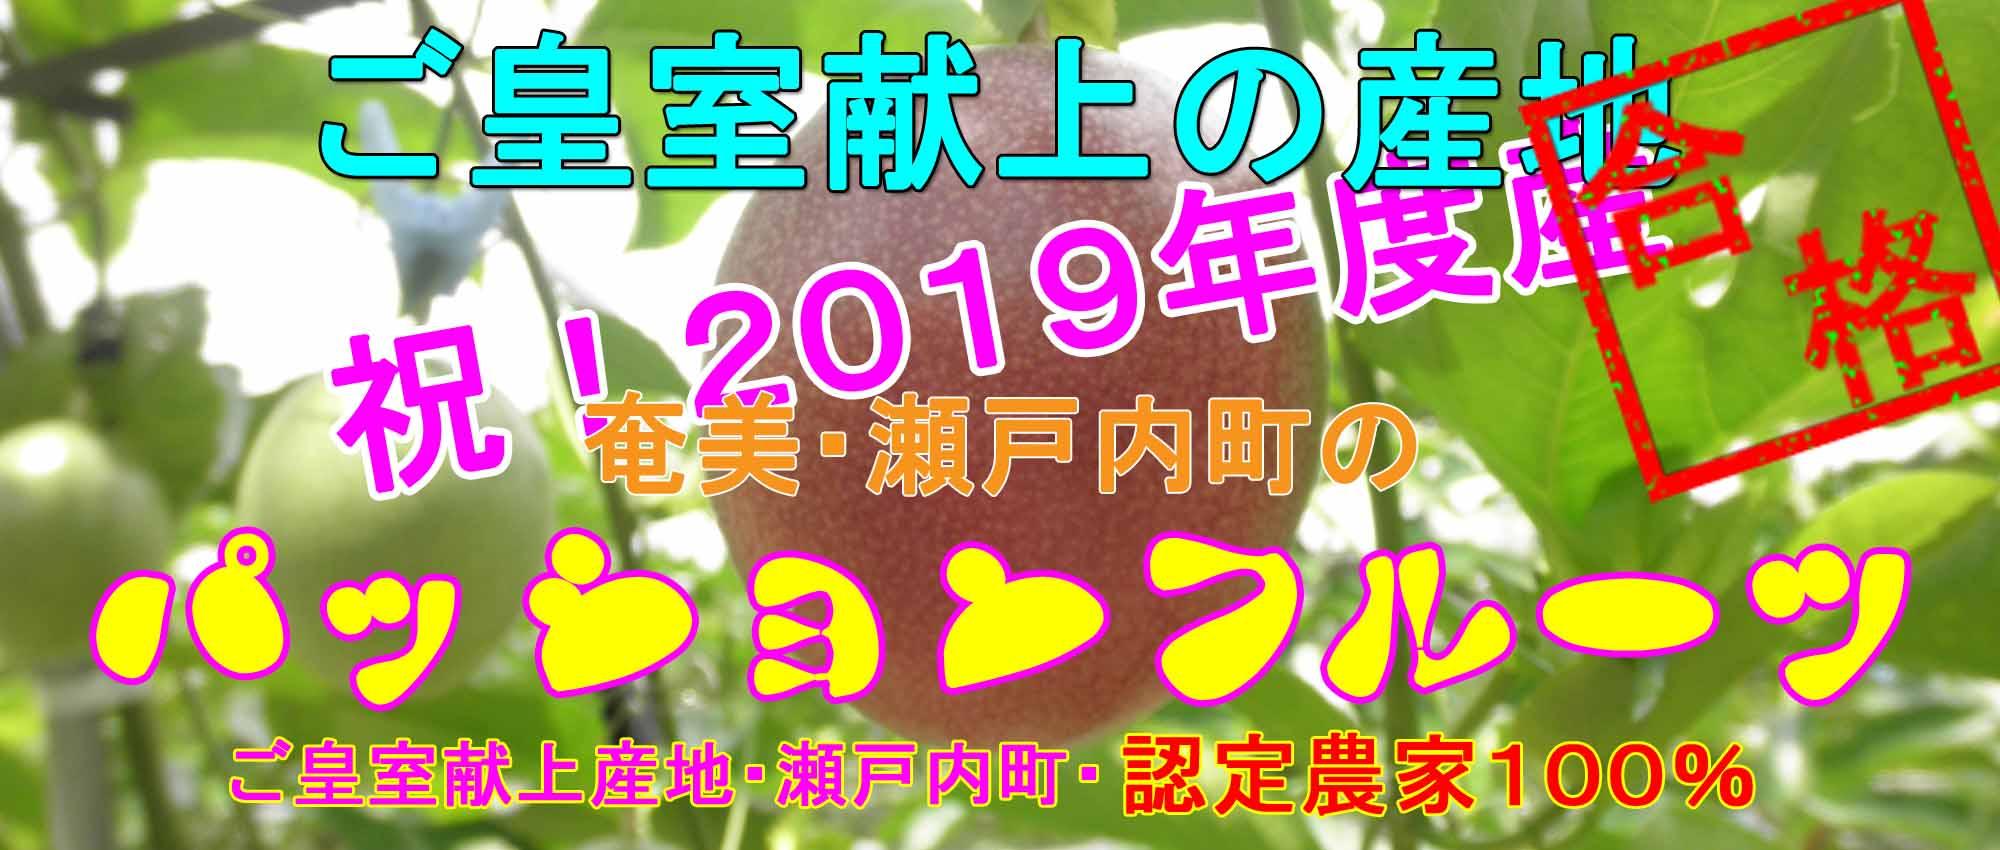 2019年度産パッションロゴ